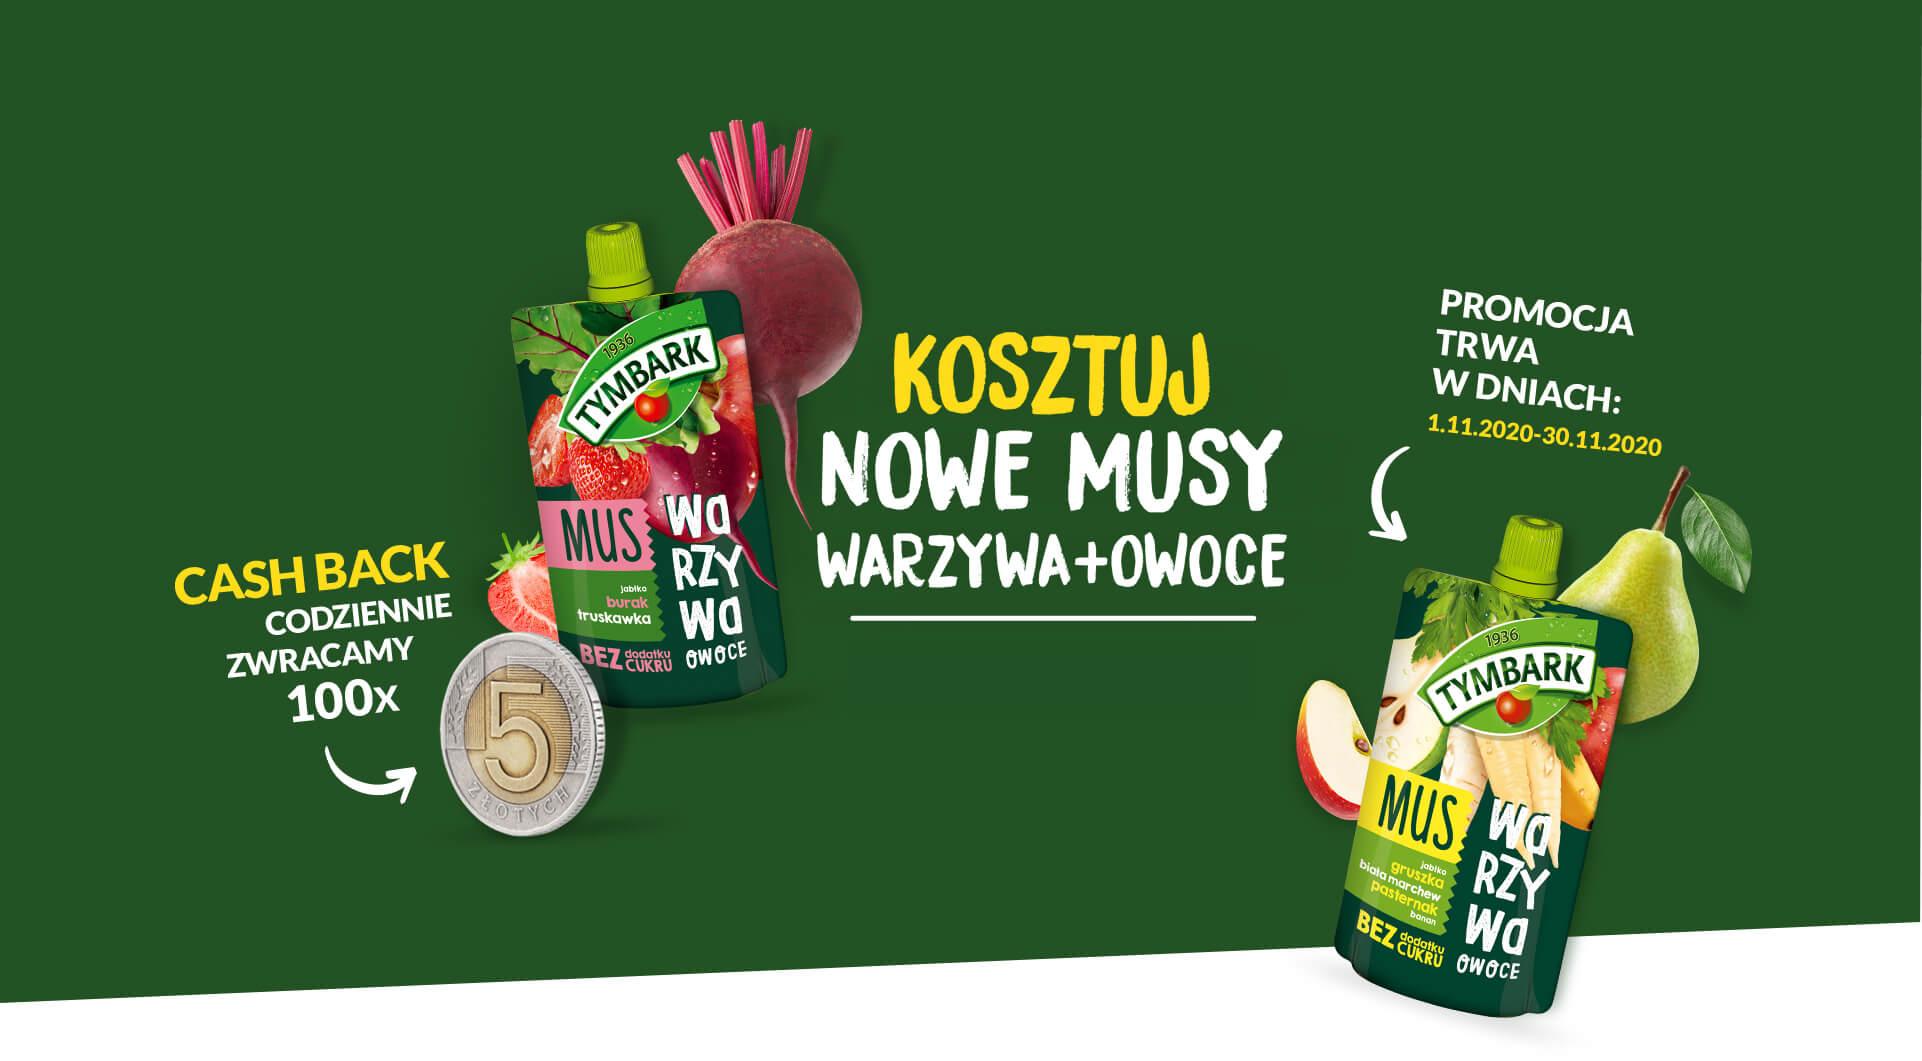 """Carrefour Promocja konsumencka """"Kosztuj nowe musy warzywa i owoce"""" zwrot, tymbark"""